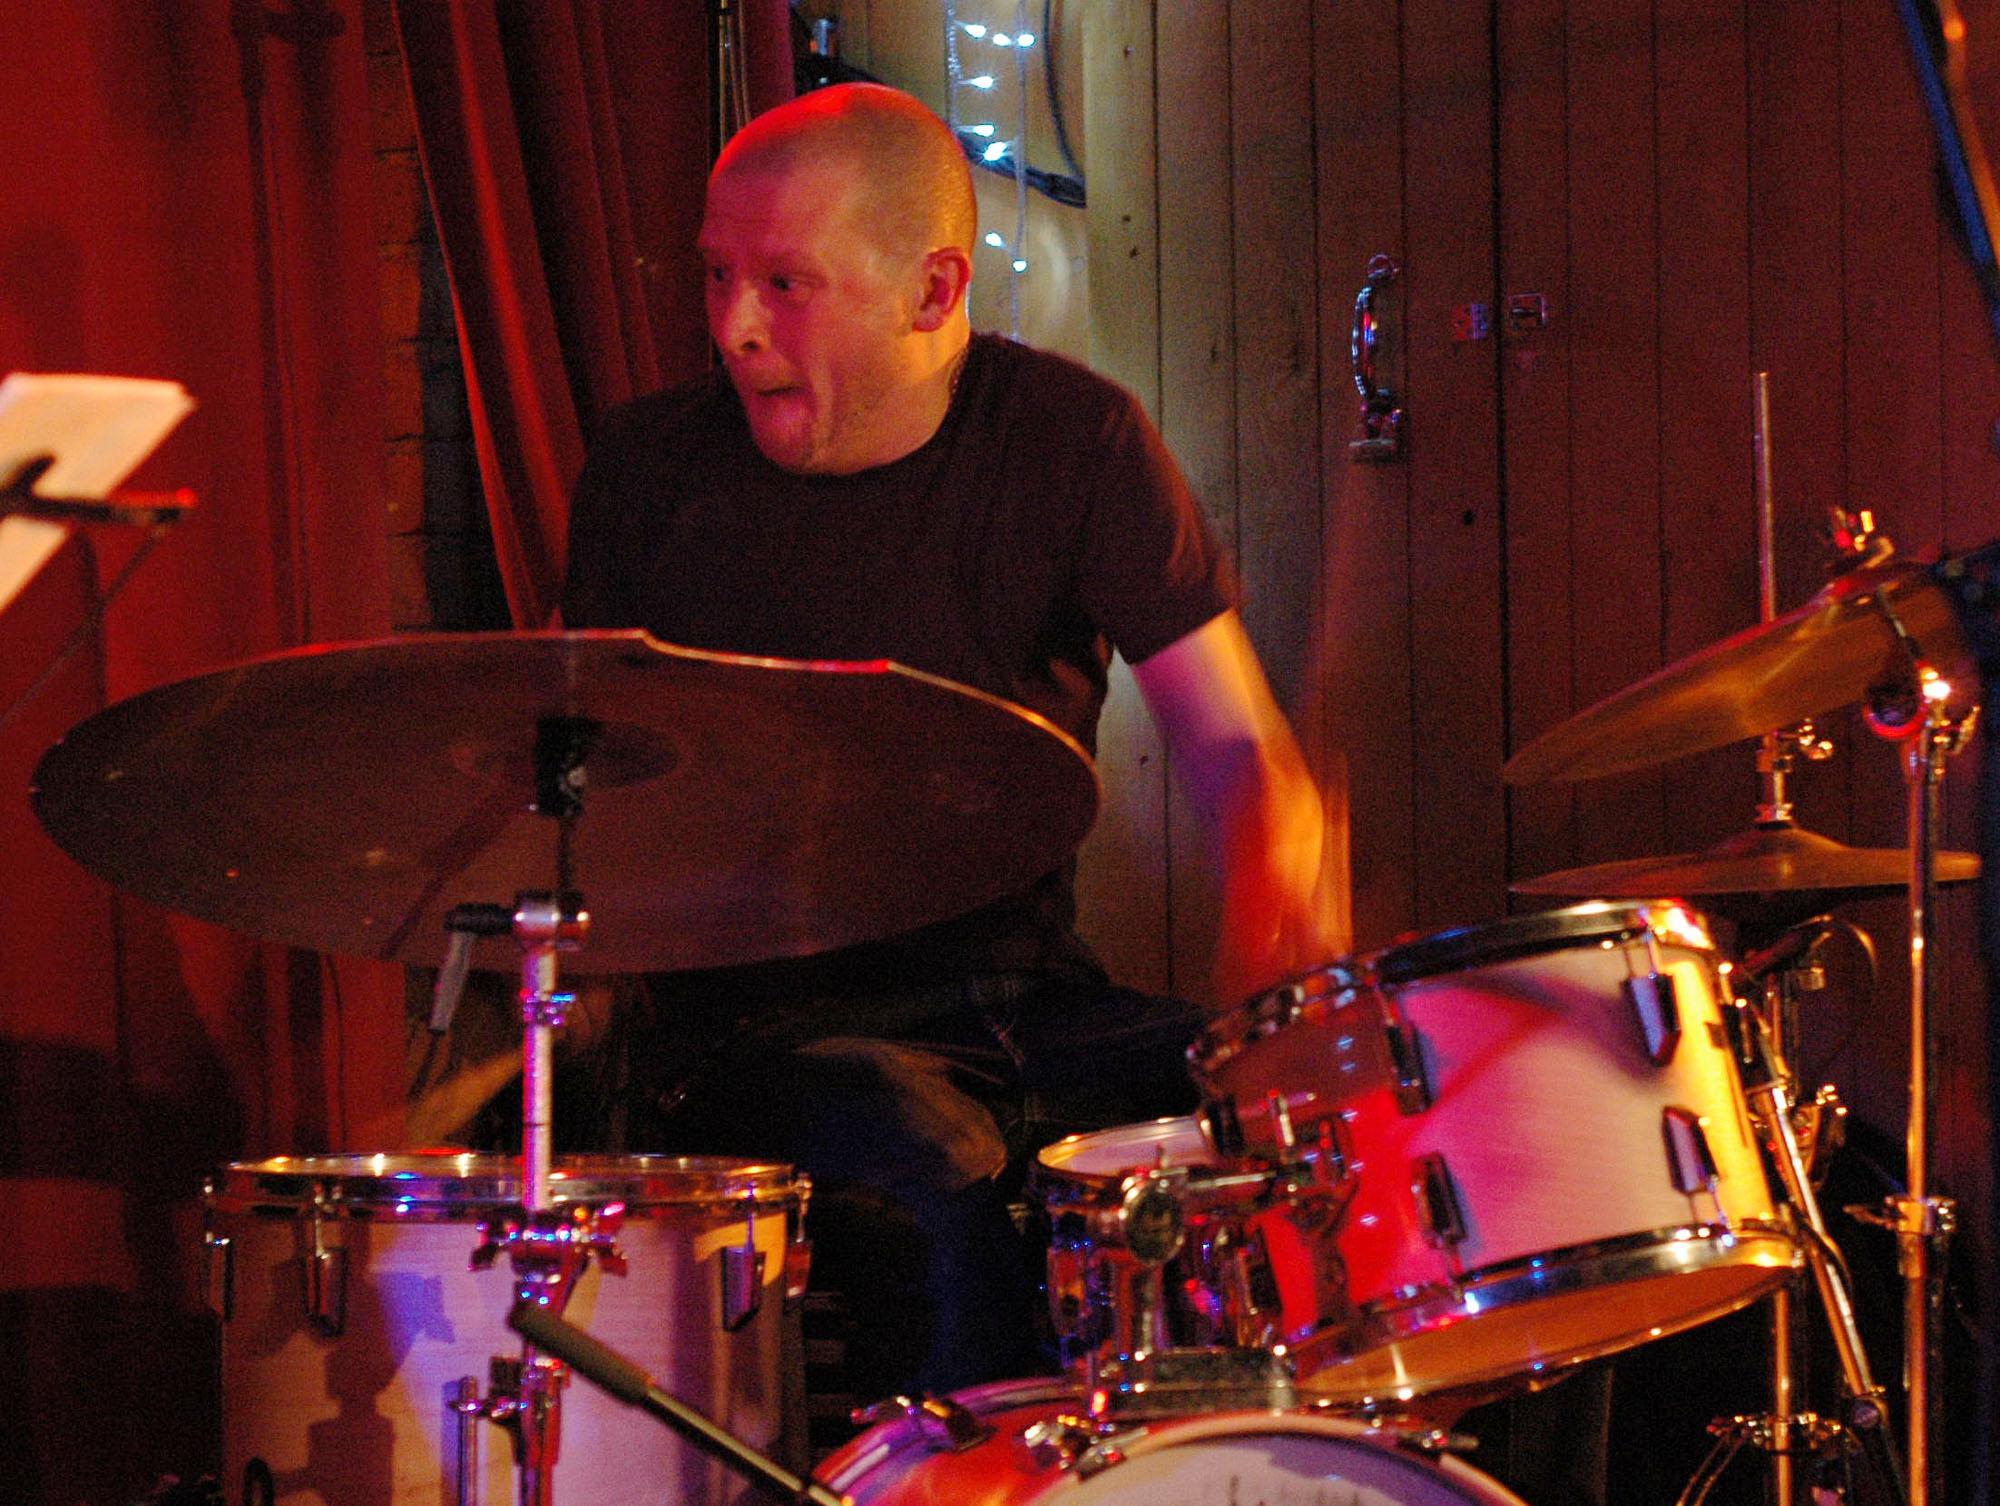 Joonas Riipa of Plop at 2010 Tampere Jazz Happening